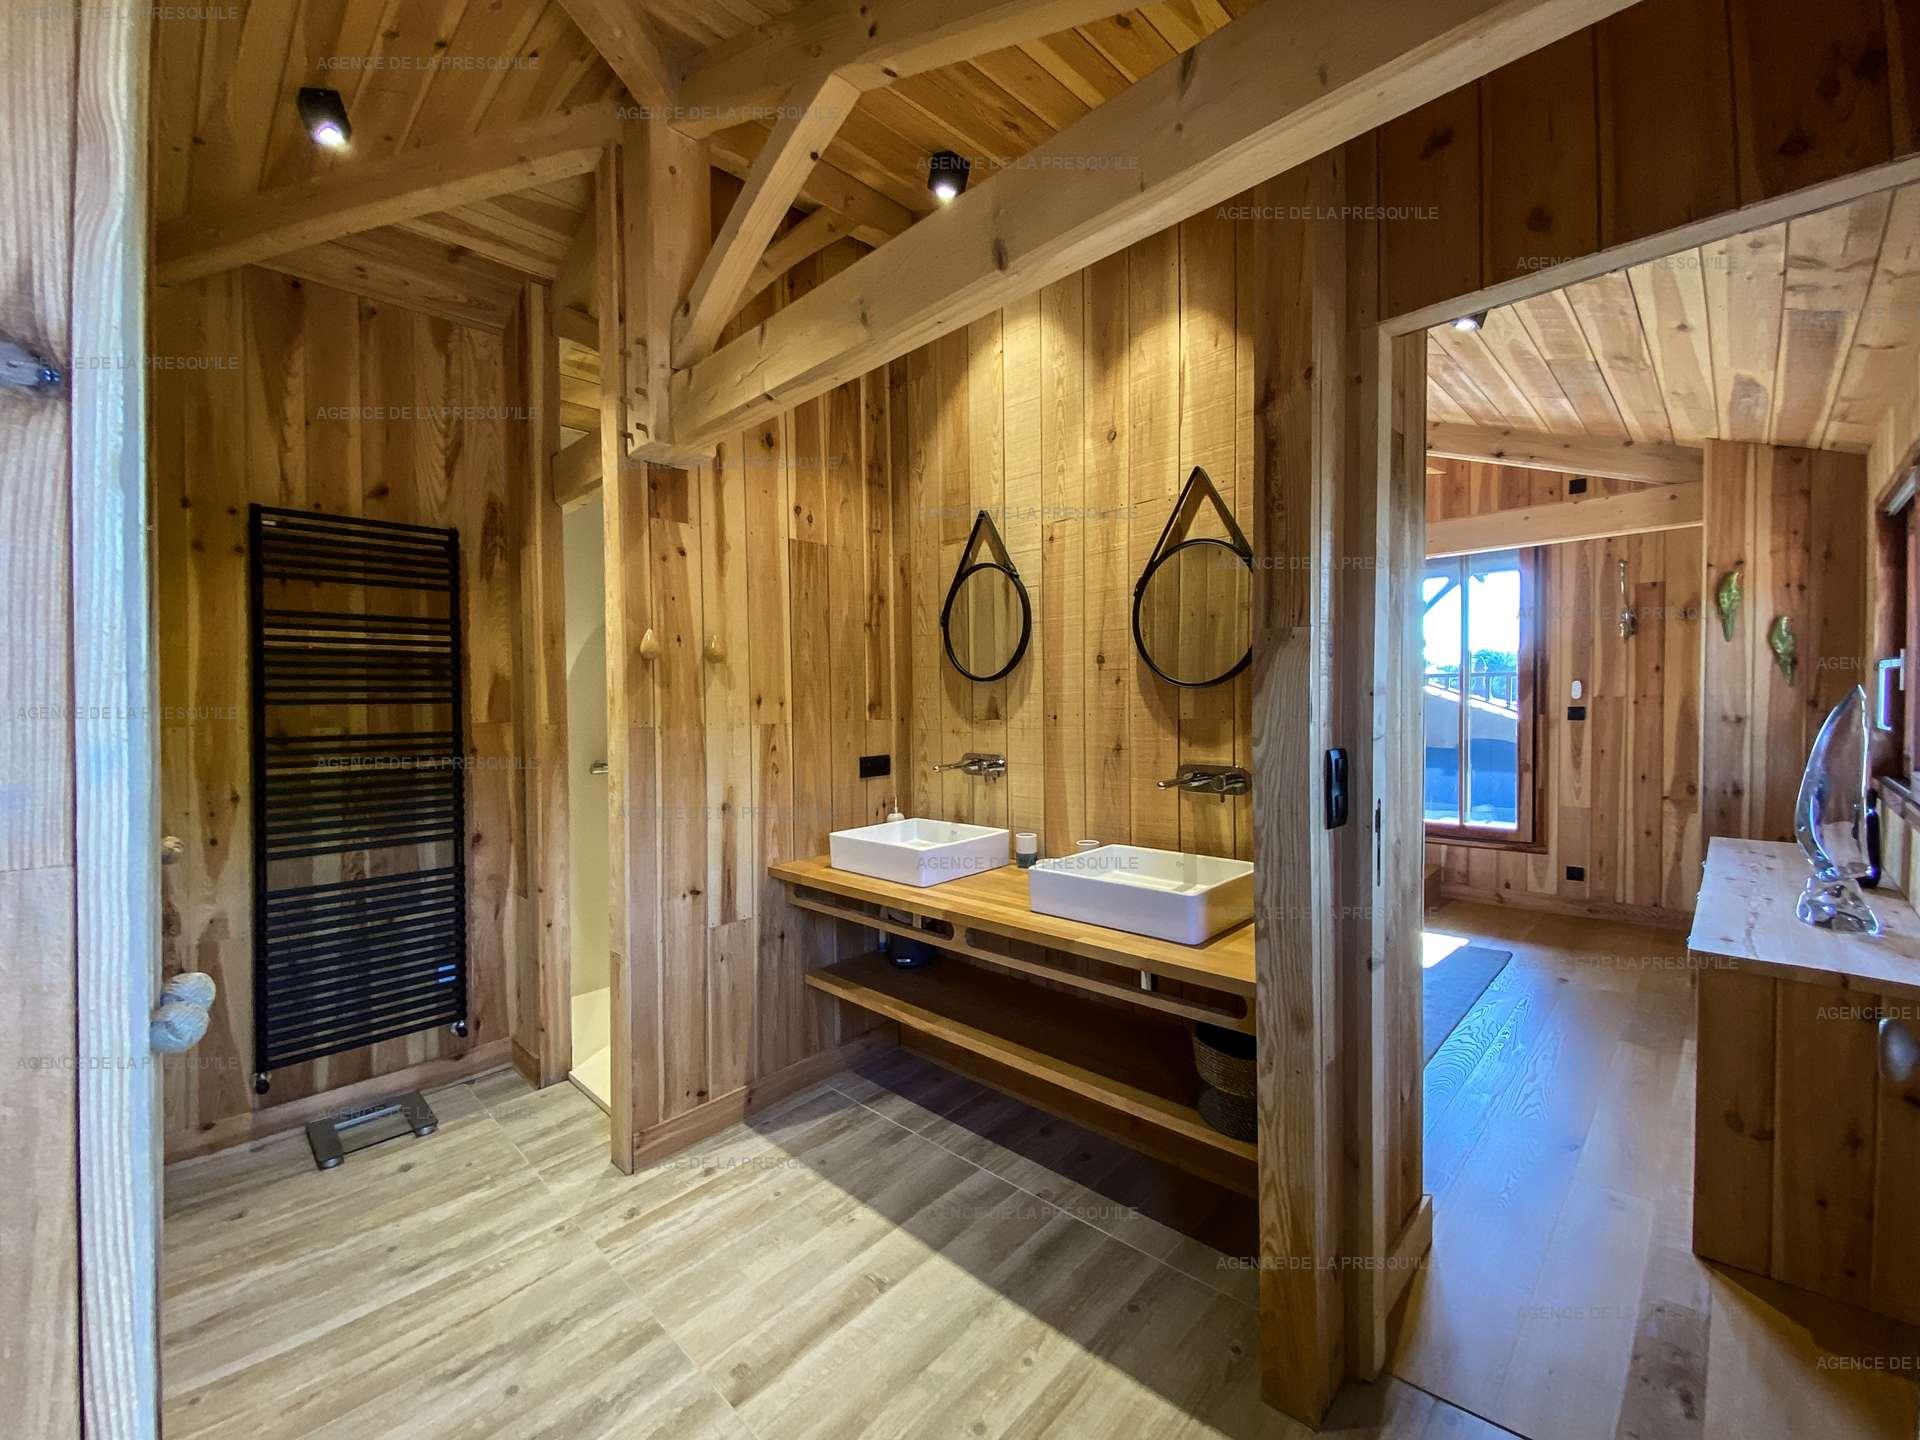 Location: Séduisante villa en bois neuve avec piscine 10